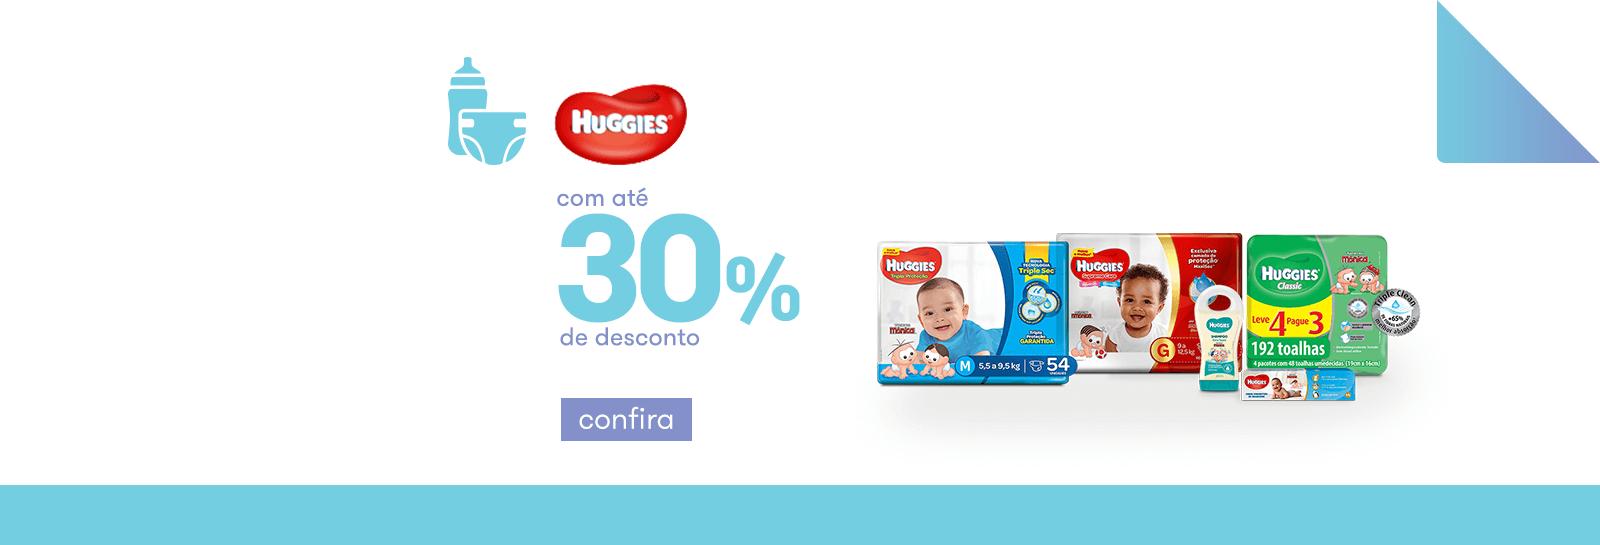 Huggies_ate_30%_off